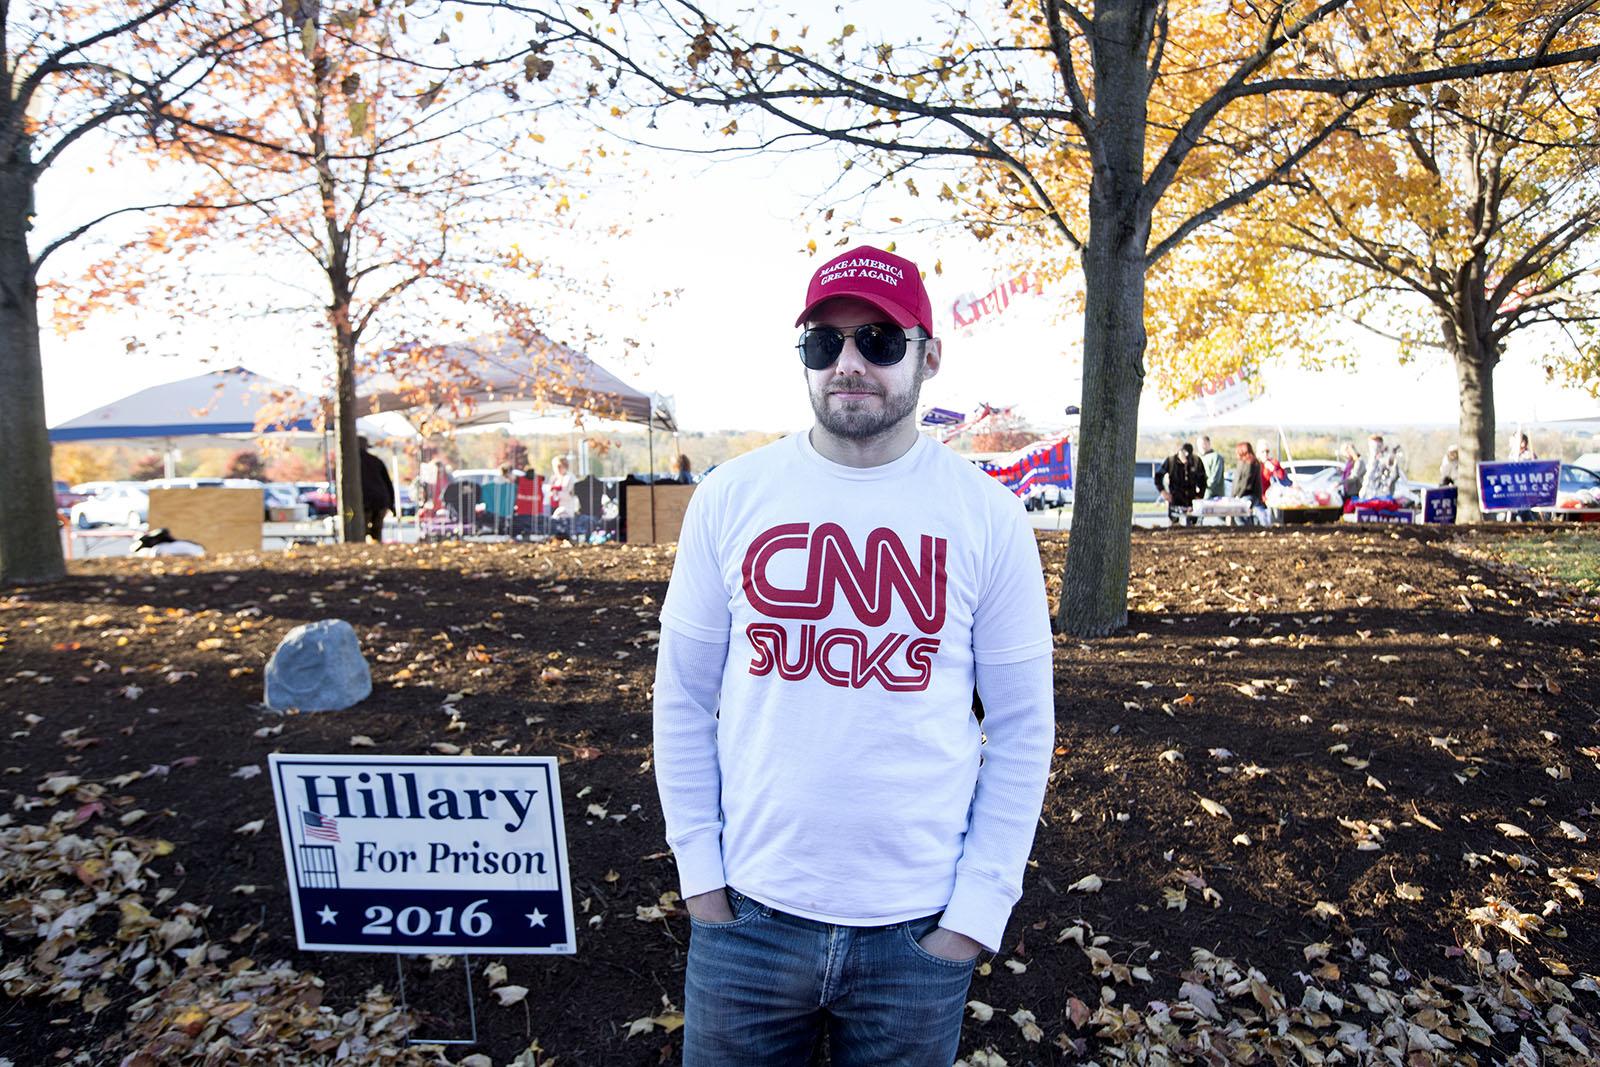 """Bilden är tagen fyra dagar innan presidentvalet, utanför arenan i Hershey, Pennsylvania där Donald Trump snart ska hålla ett valmöte under vilket publiken tidvis skanderade just orden """"CNN Sucks""""."""